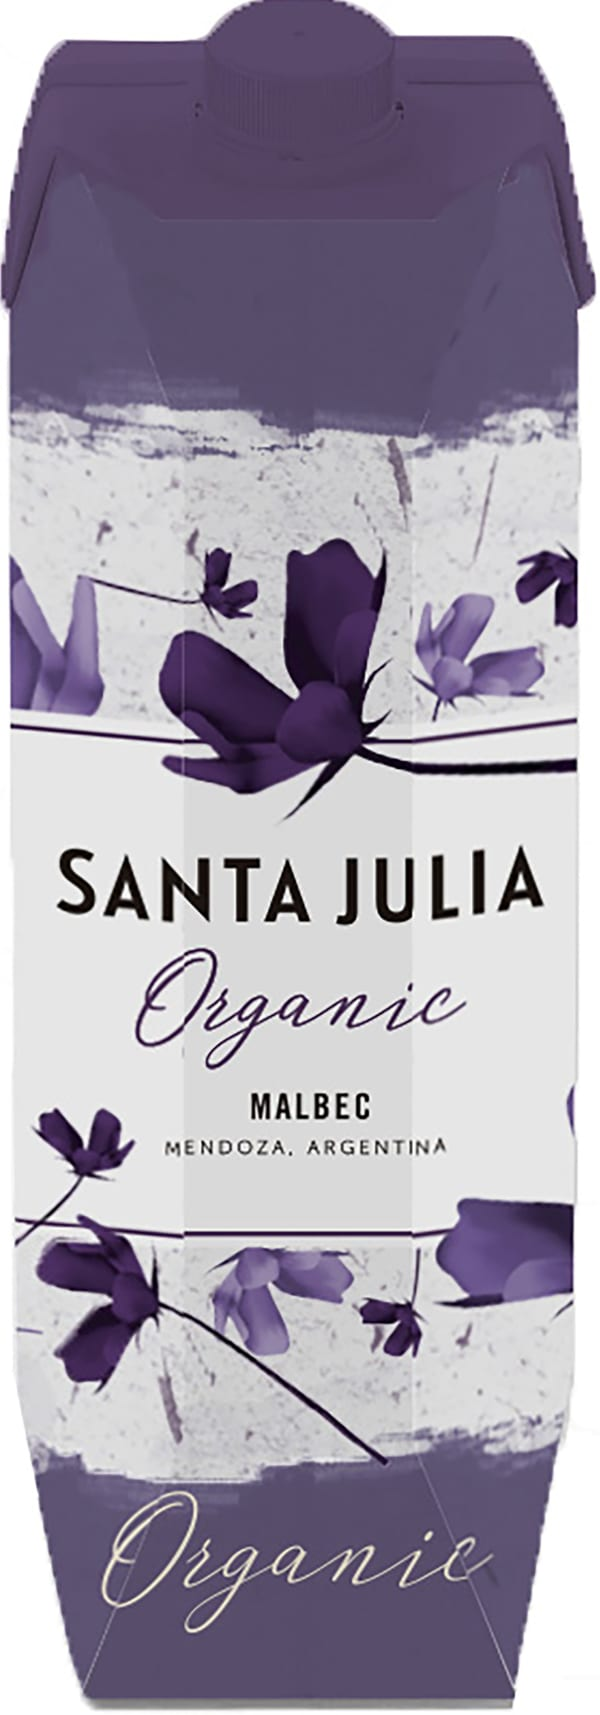 Santa Julia Organic Malbec 2016 kartongförpackning